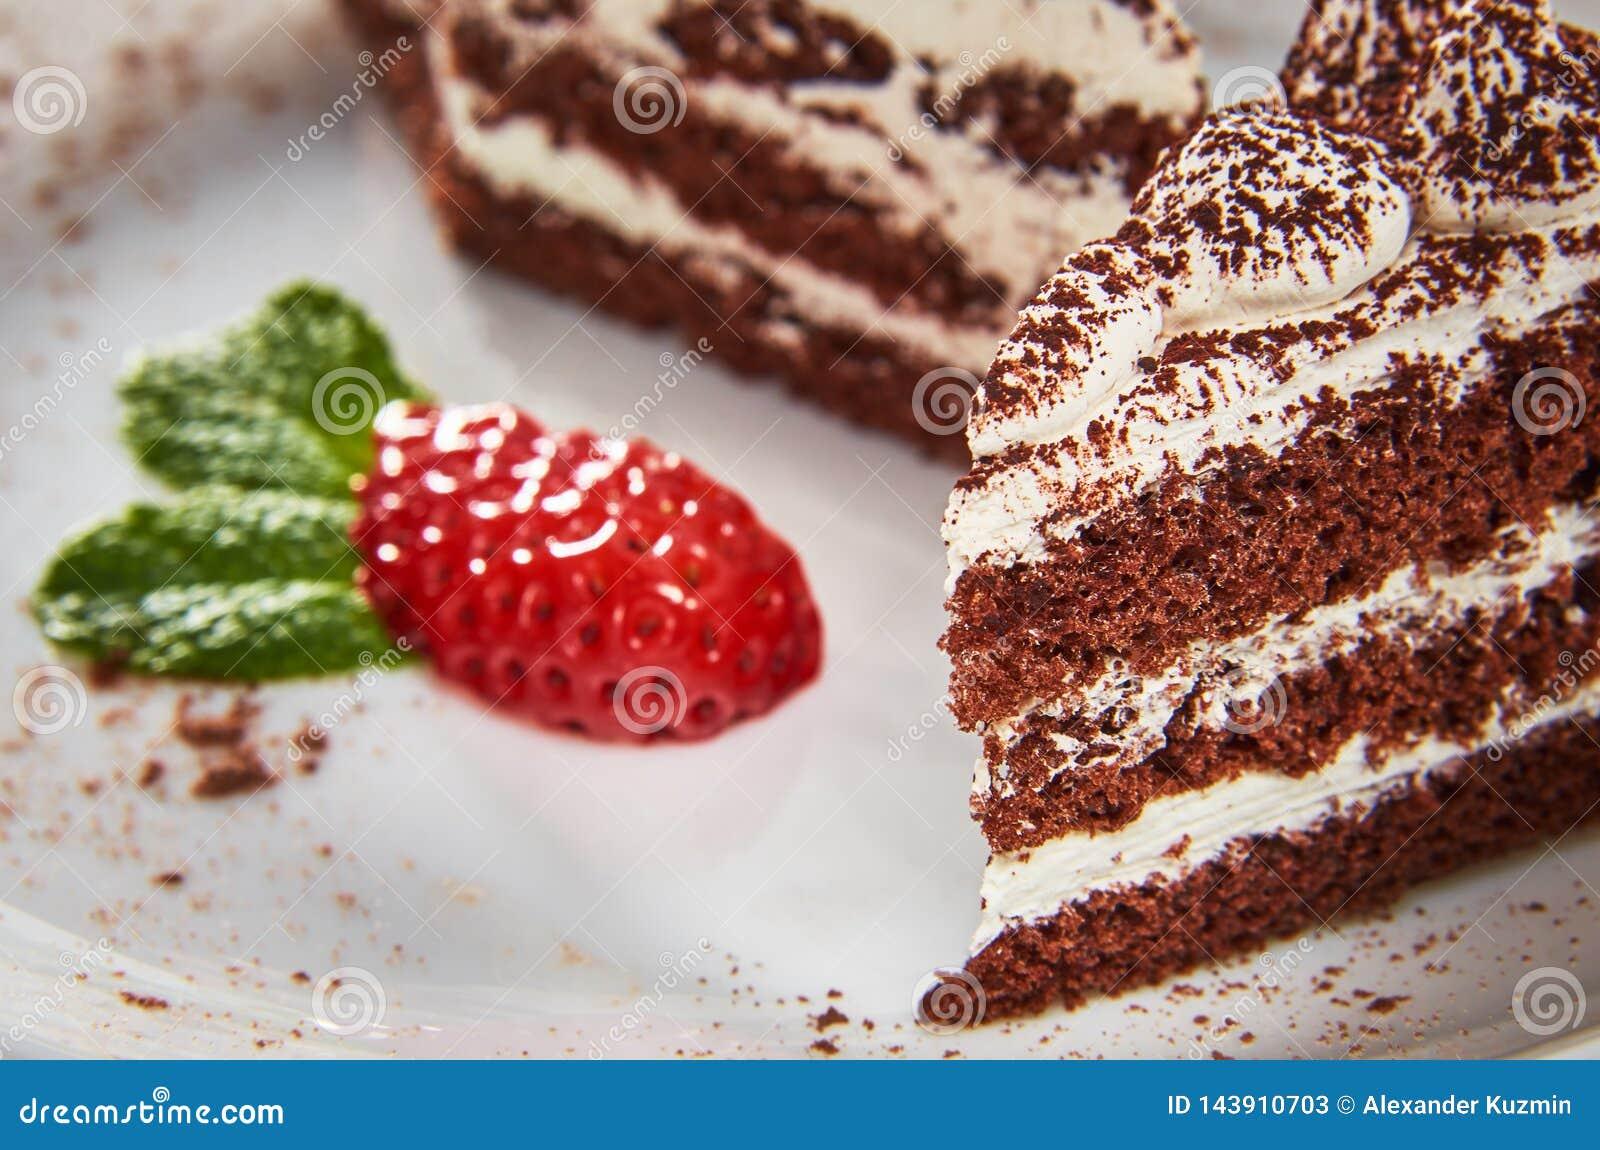 Шоколадный торт на белой плите с клубниками и мятой